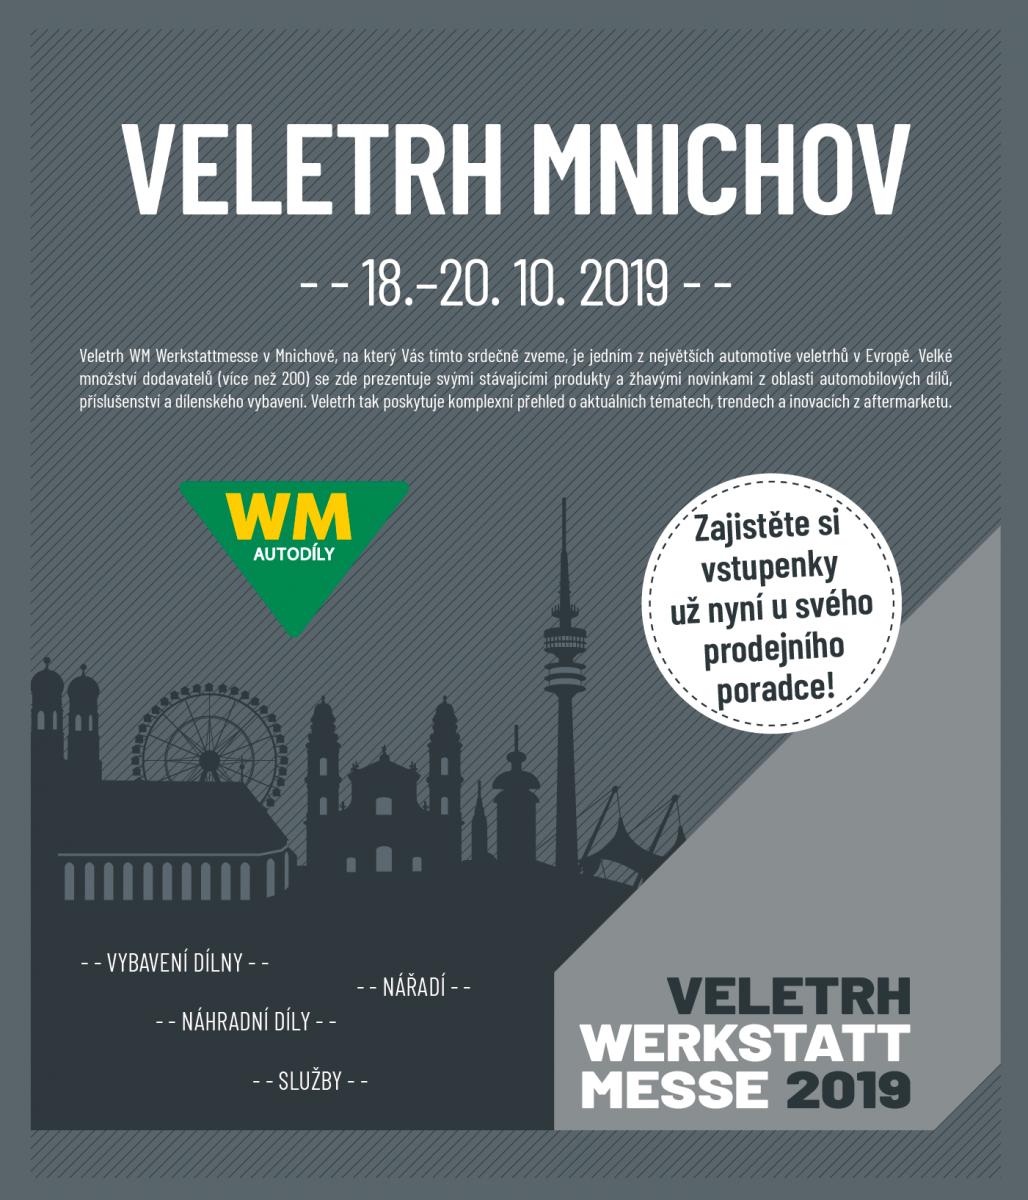 Bude se konat Veletrh WM Werkstattmesse v Mnichově